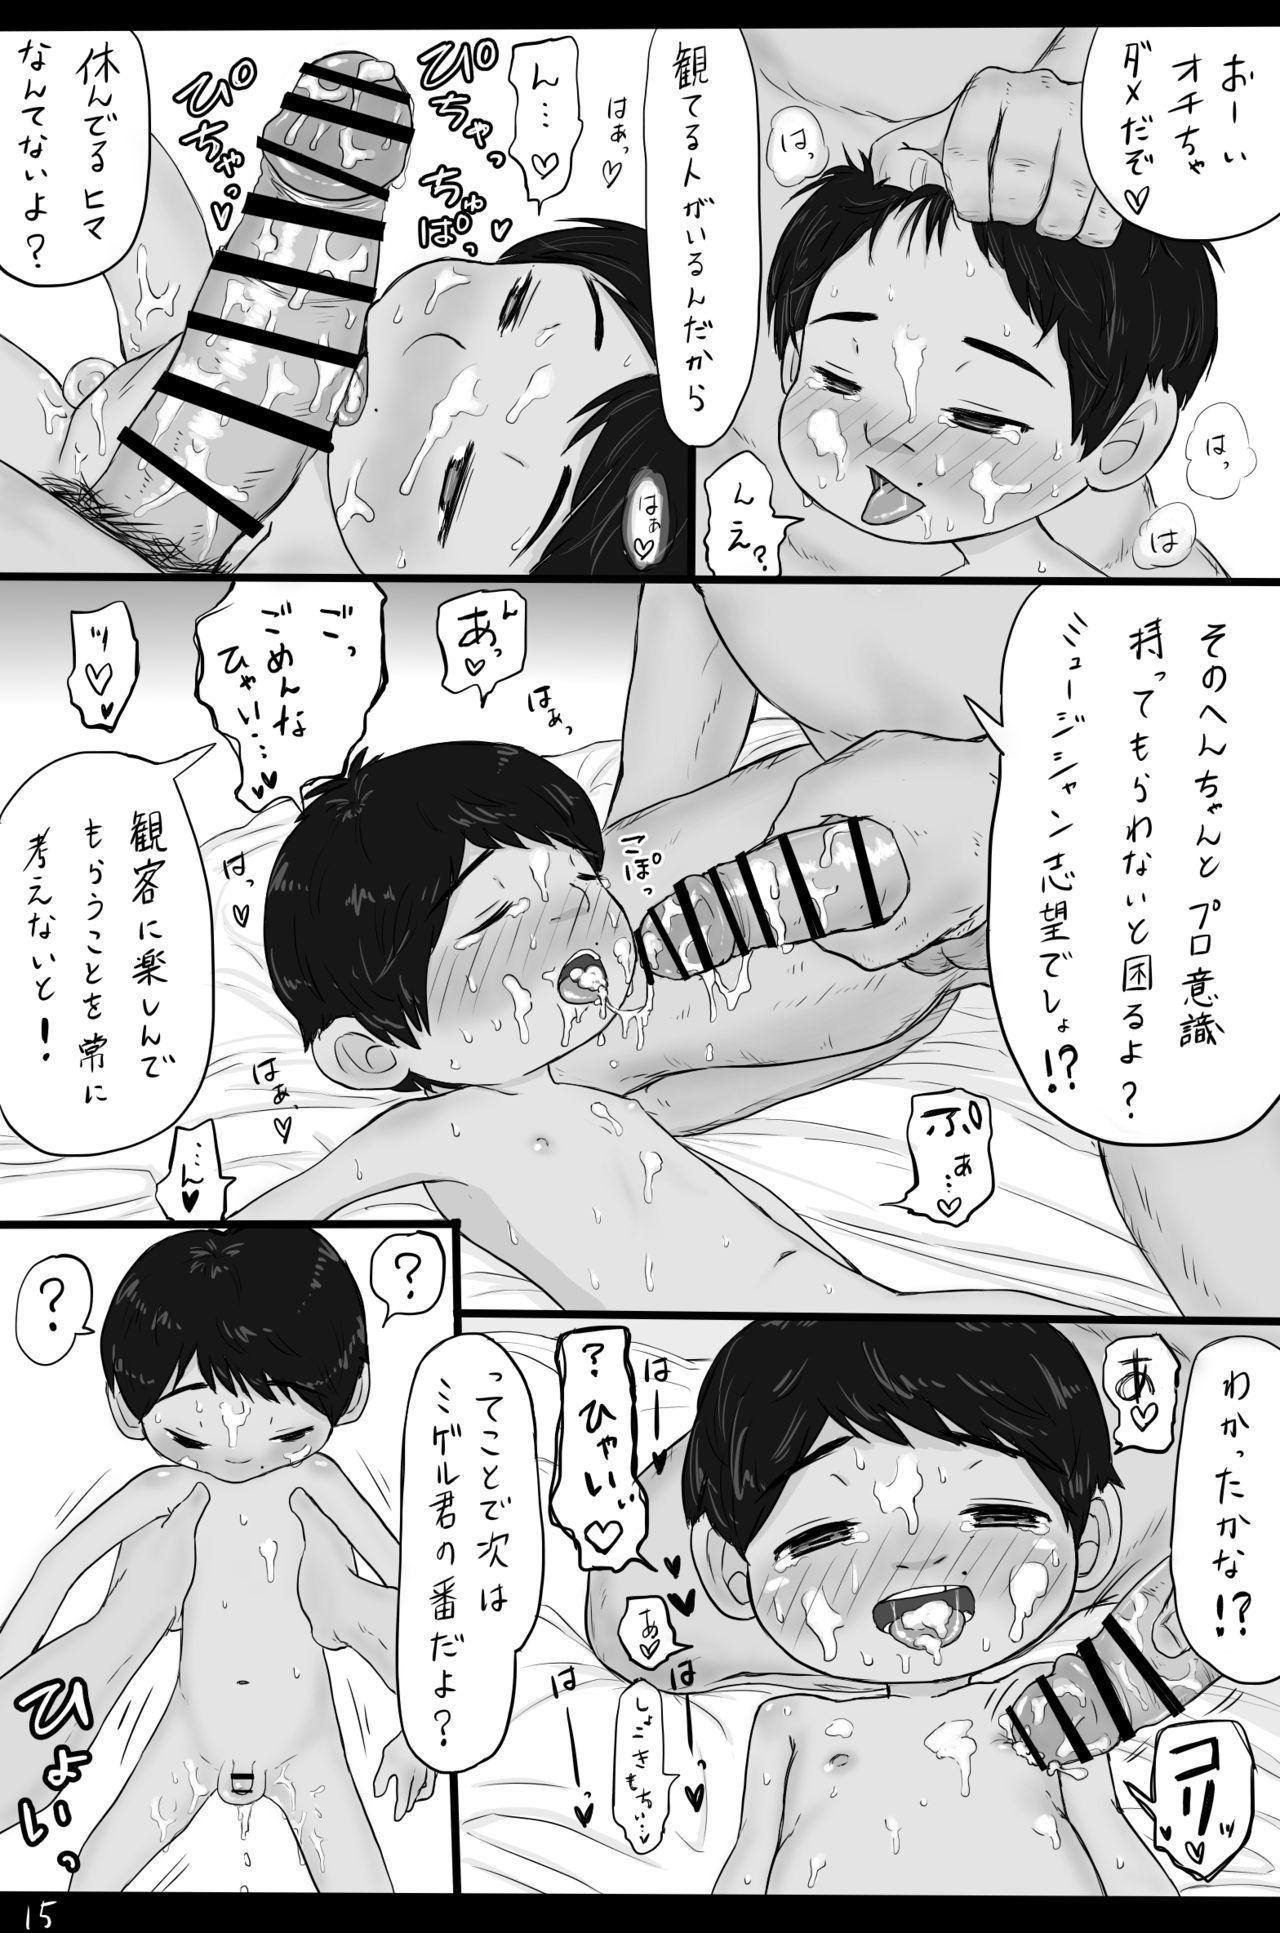 大沼信一 - Unknow Coco doujin 6 15